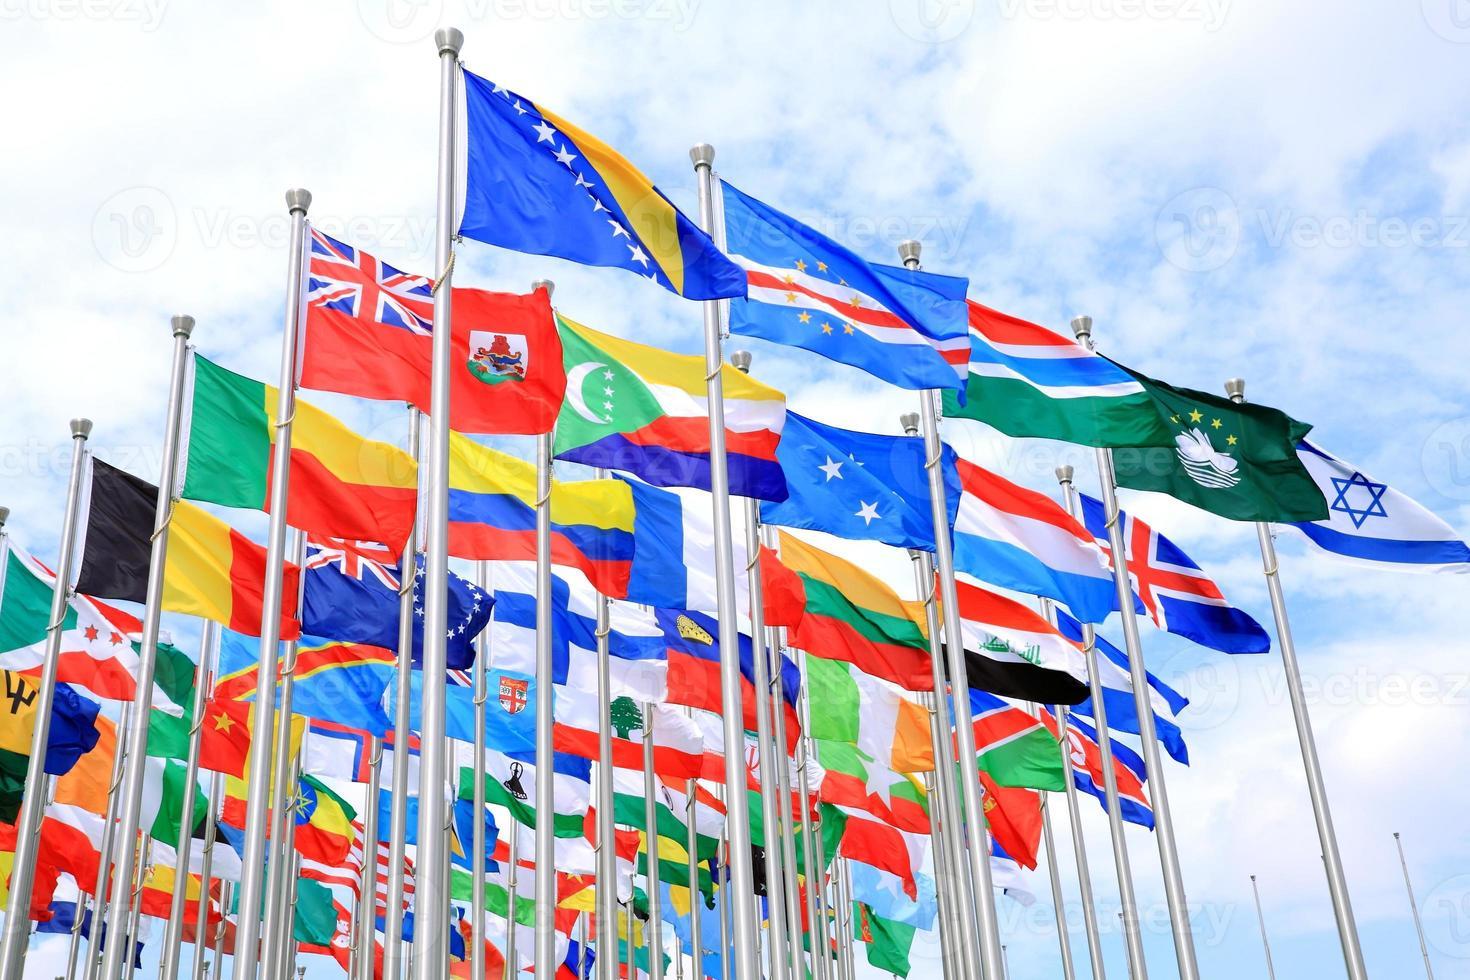 les drapeaux nationaux du monde photo